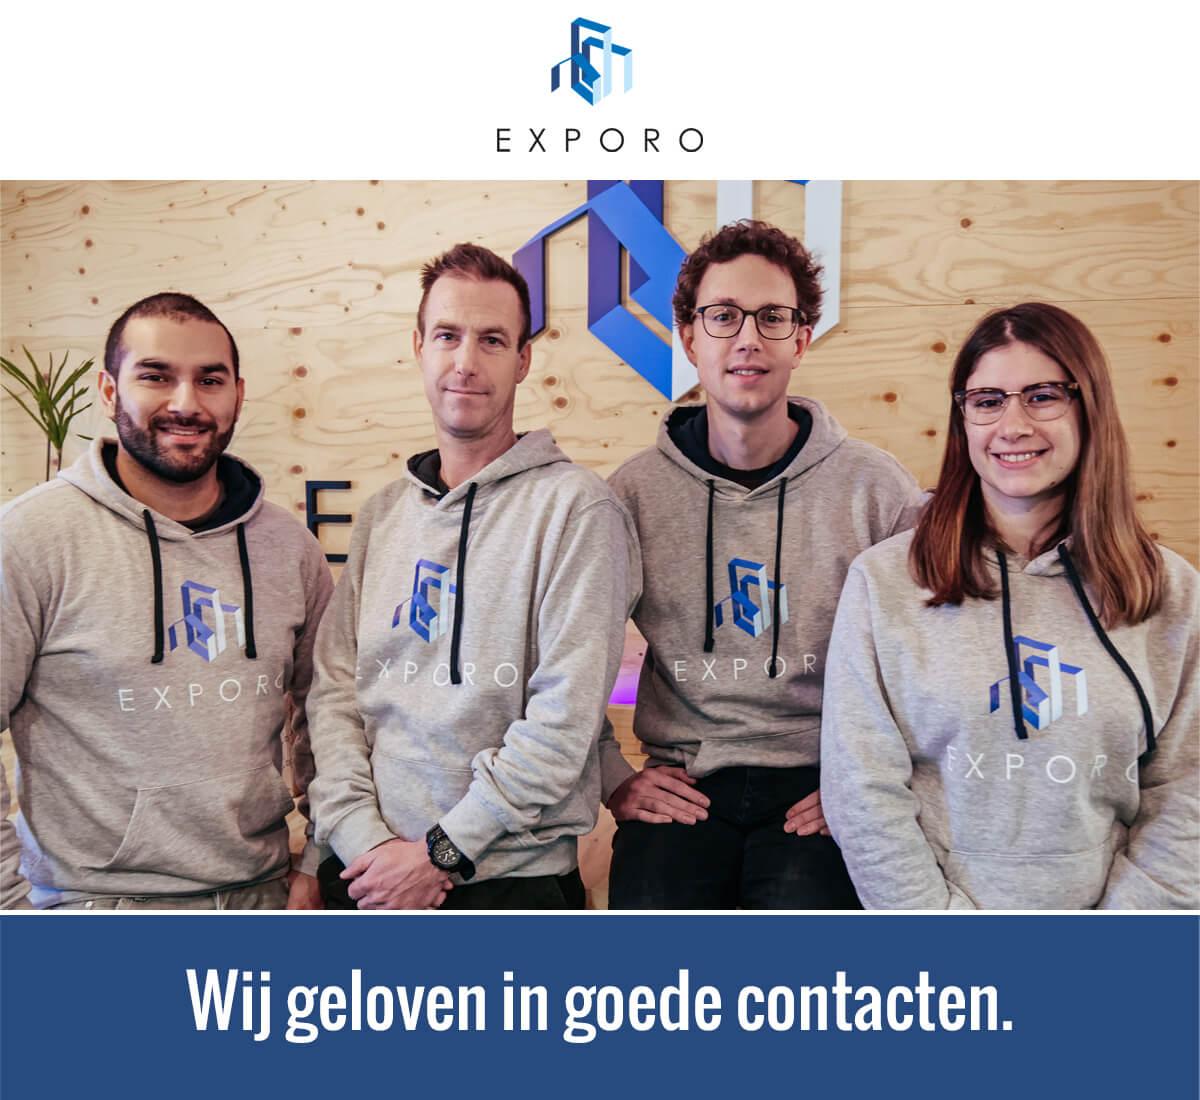 Uw Exporo klantenservice team